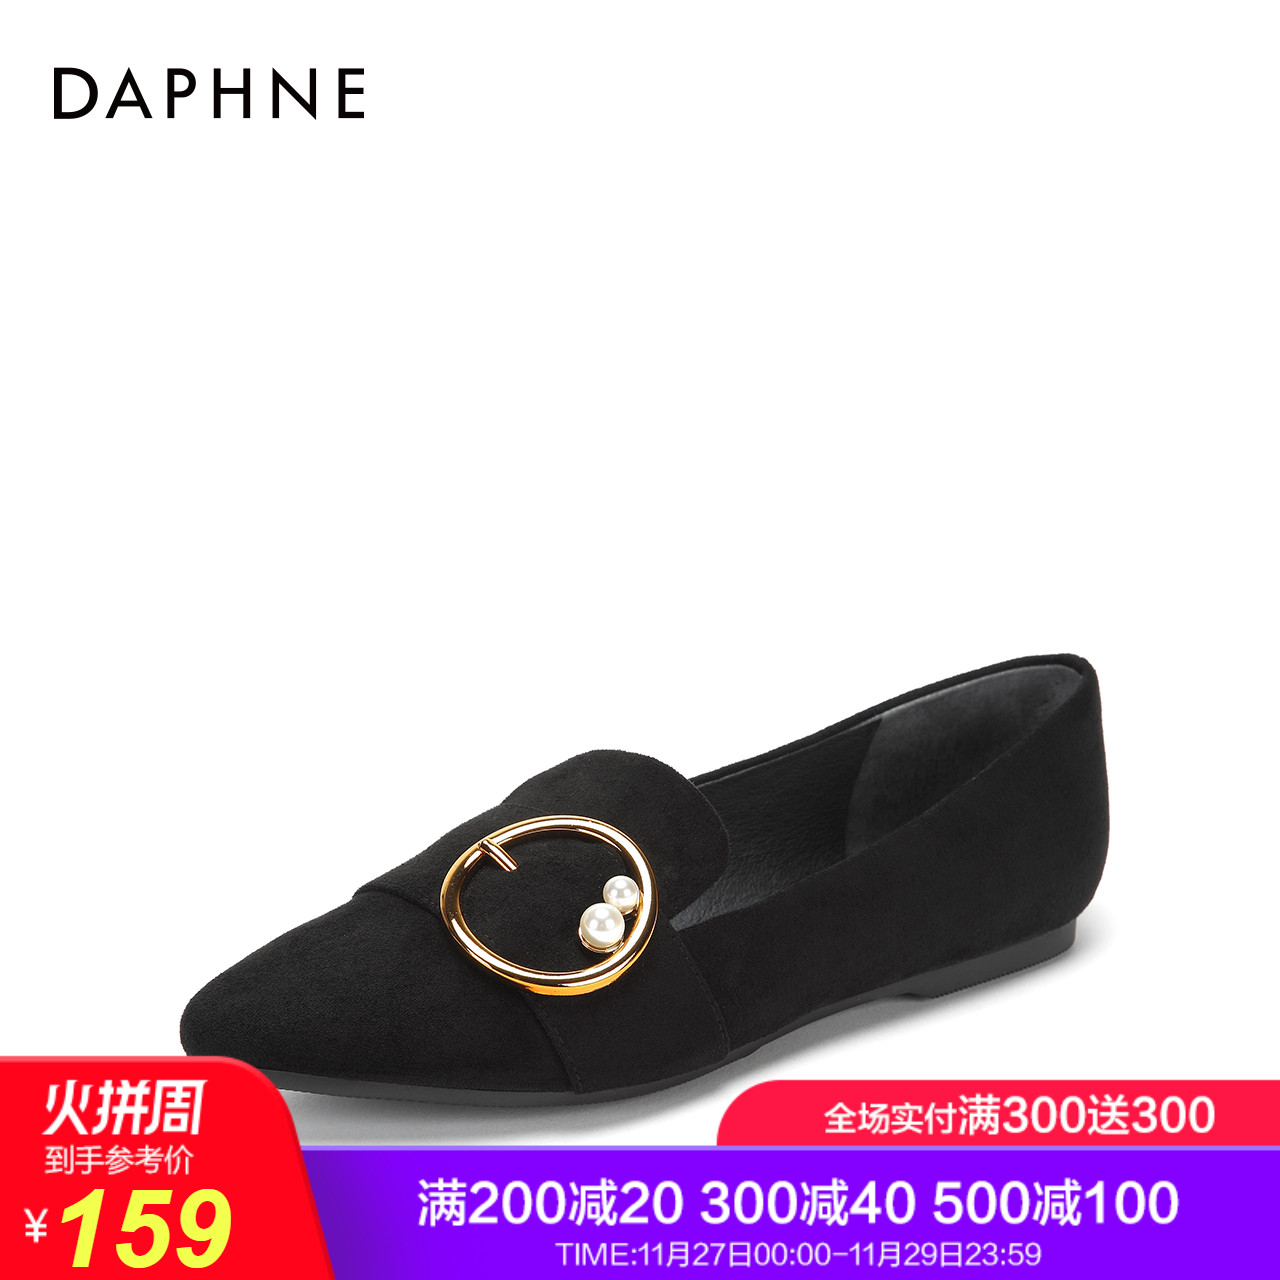 Daphne/达芙妮2018秋新款简约时尚尖头乐福鞋金属圆扣珍珠单鞋女